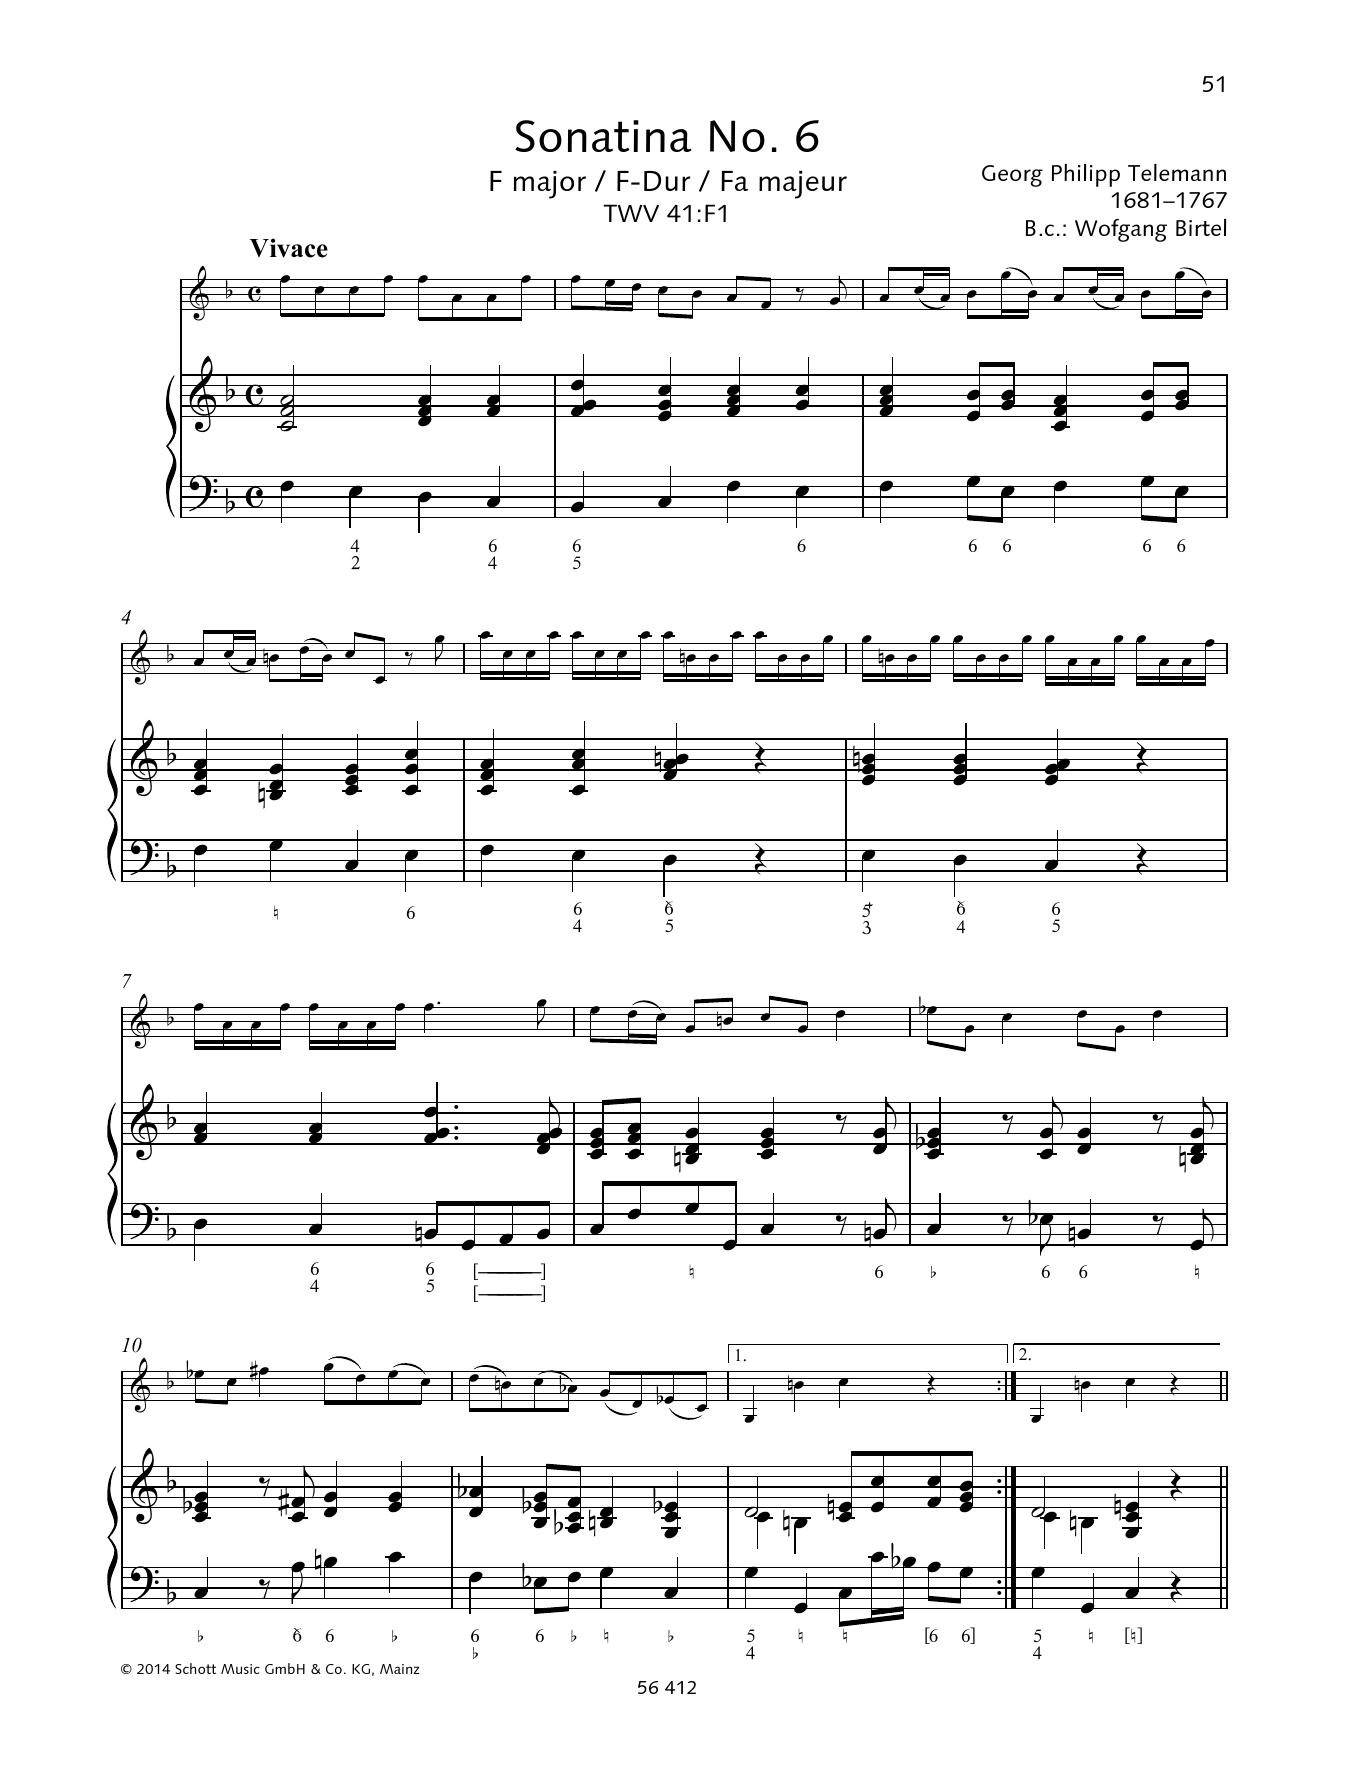 Sonatina No. 6 F major